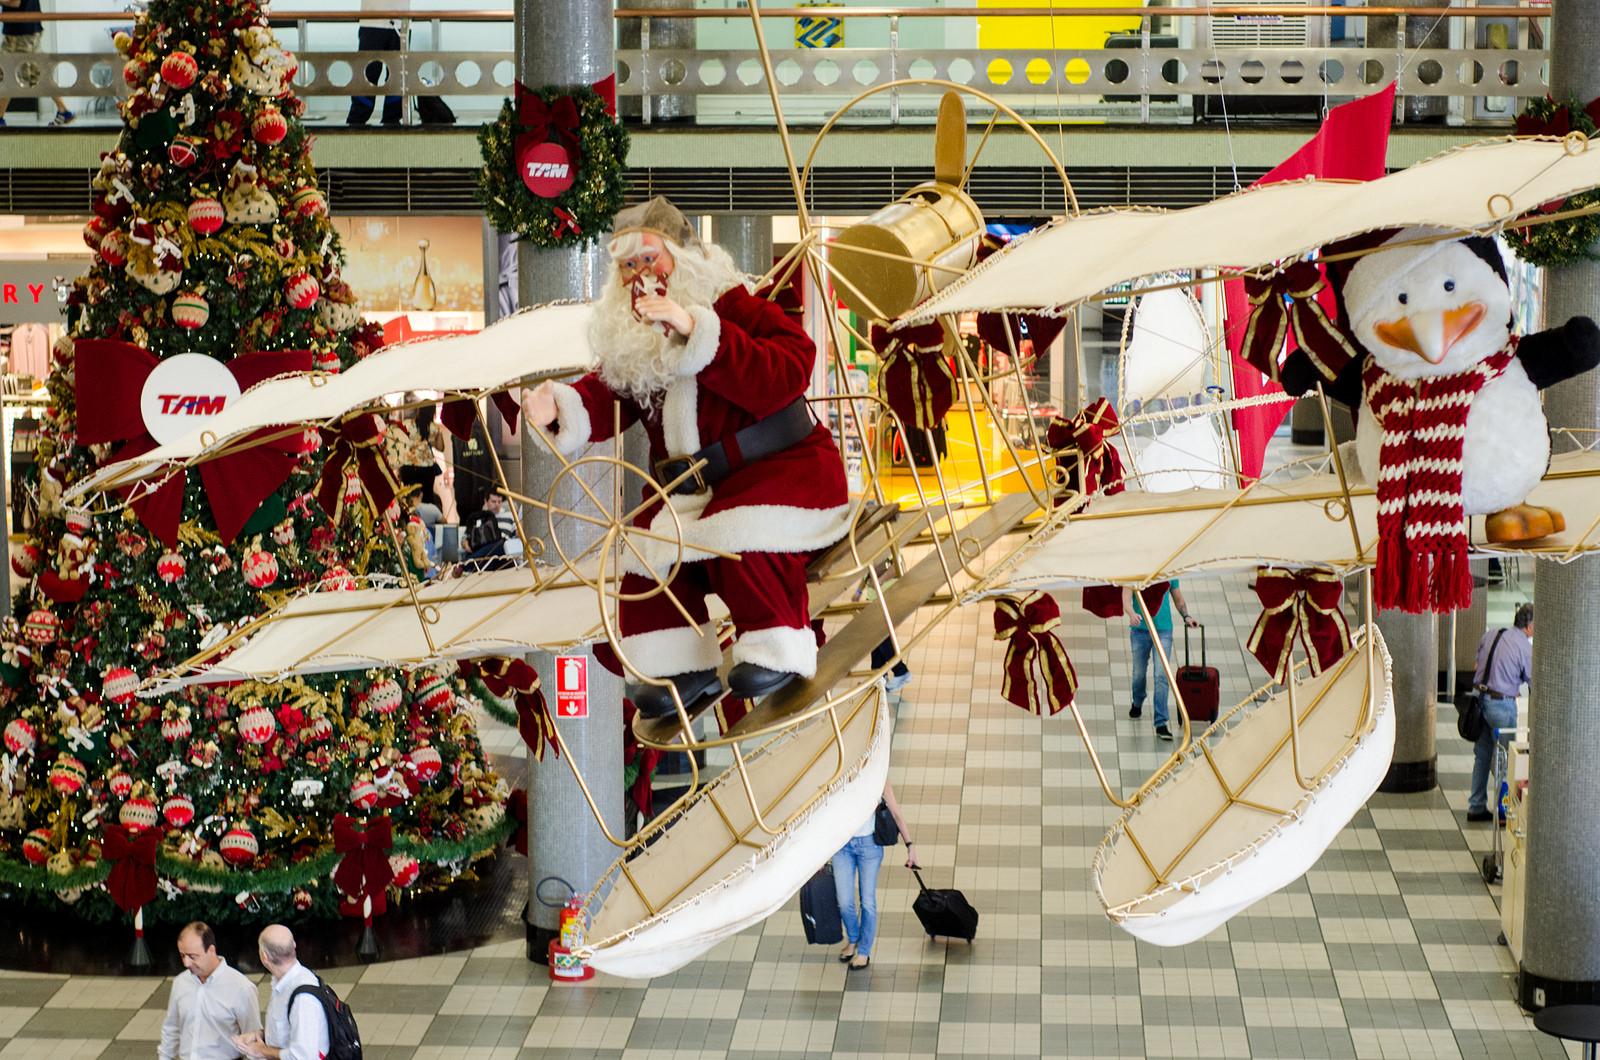 Aeroporto Sp : Sp: aeroporto de congonhas recebe corais natalinos e decoração